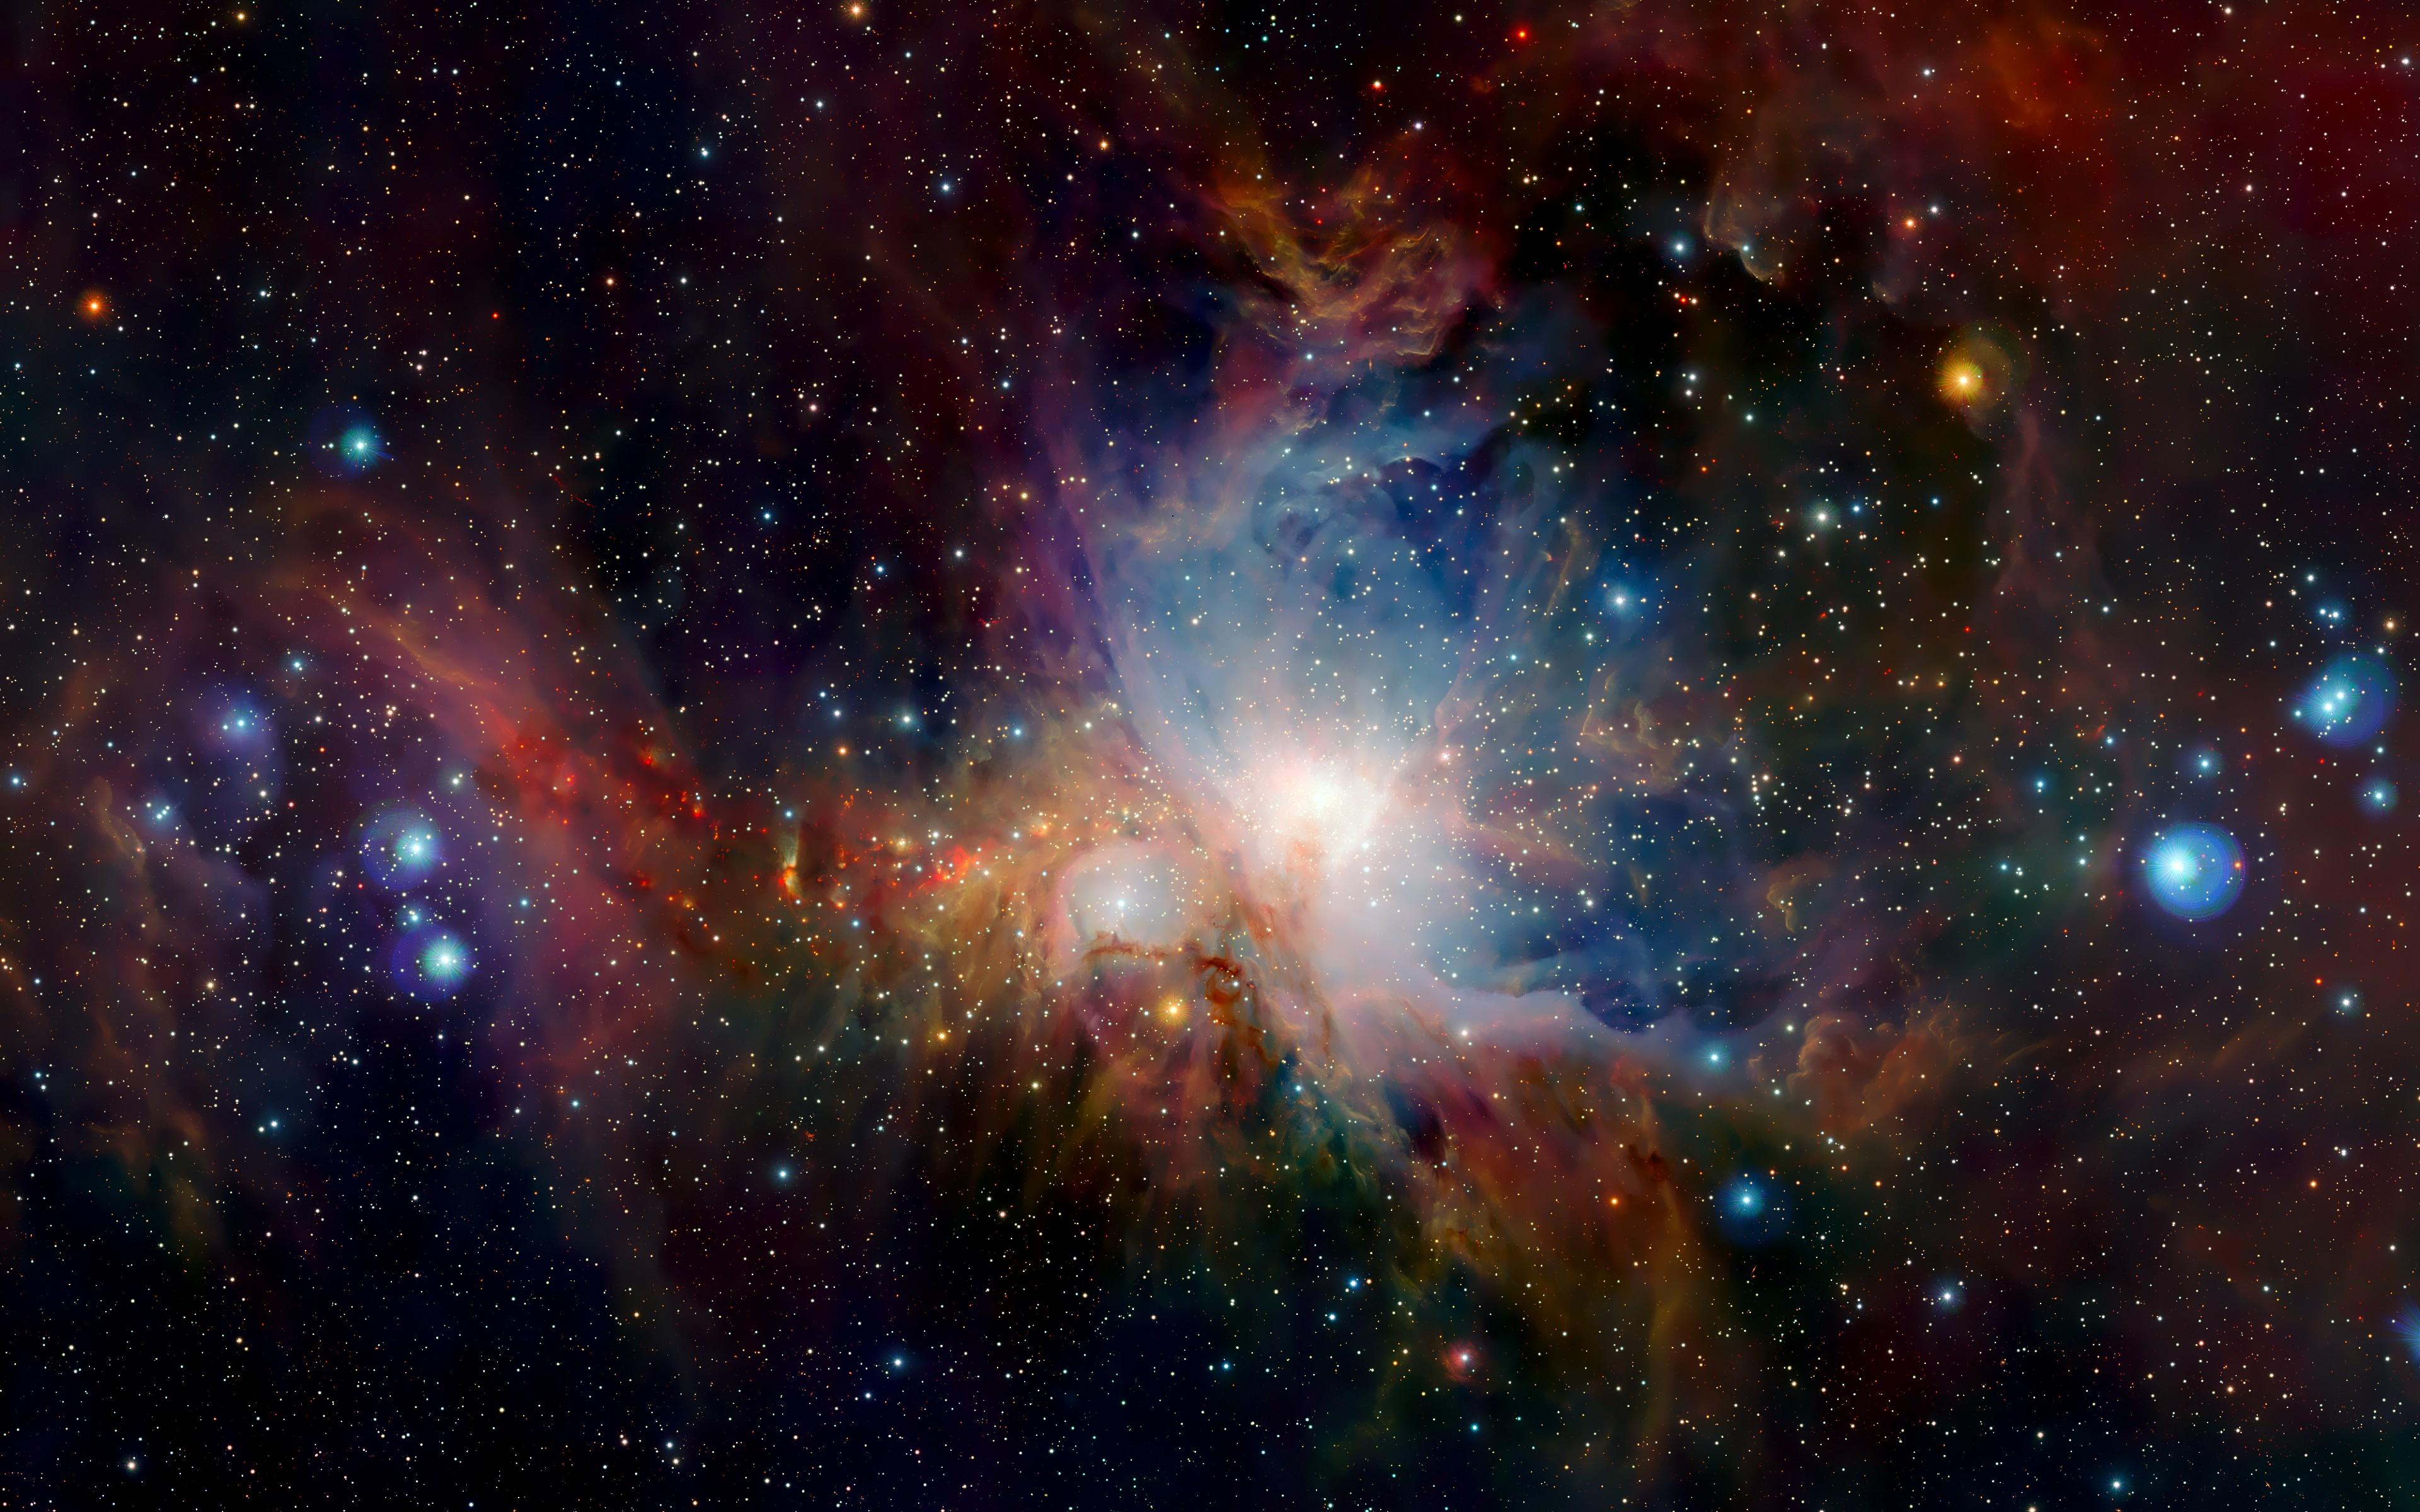 Hubble Wallpapers and Screensavers - WallpaperSafari